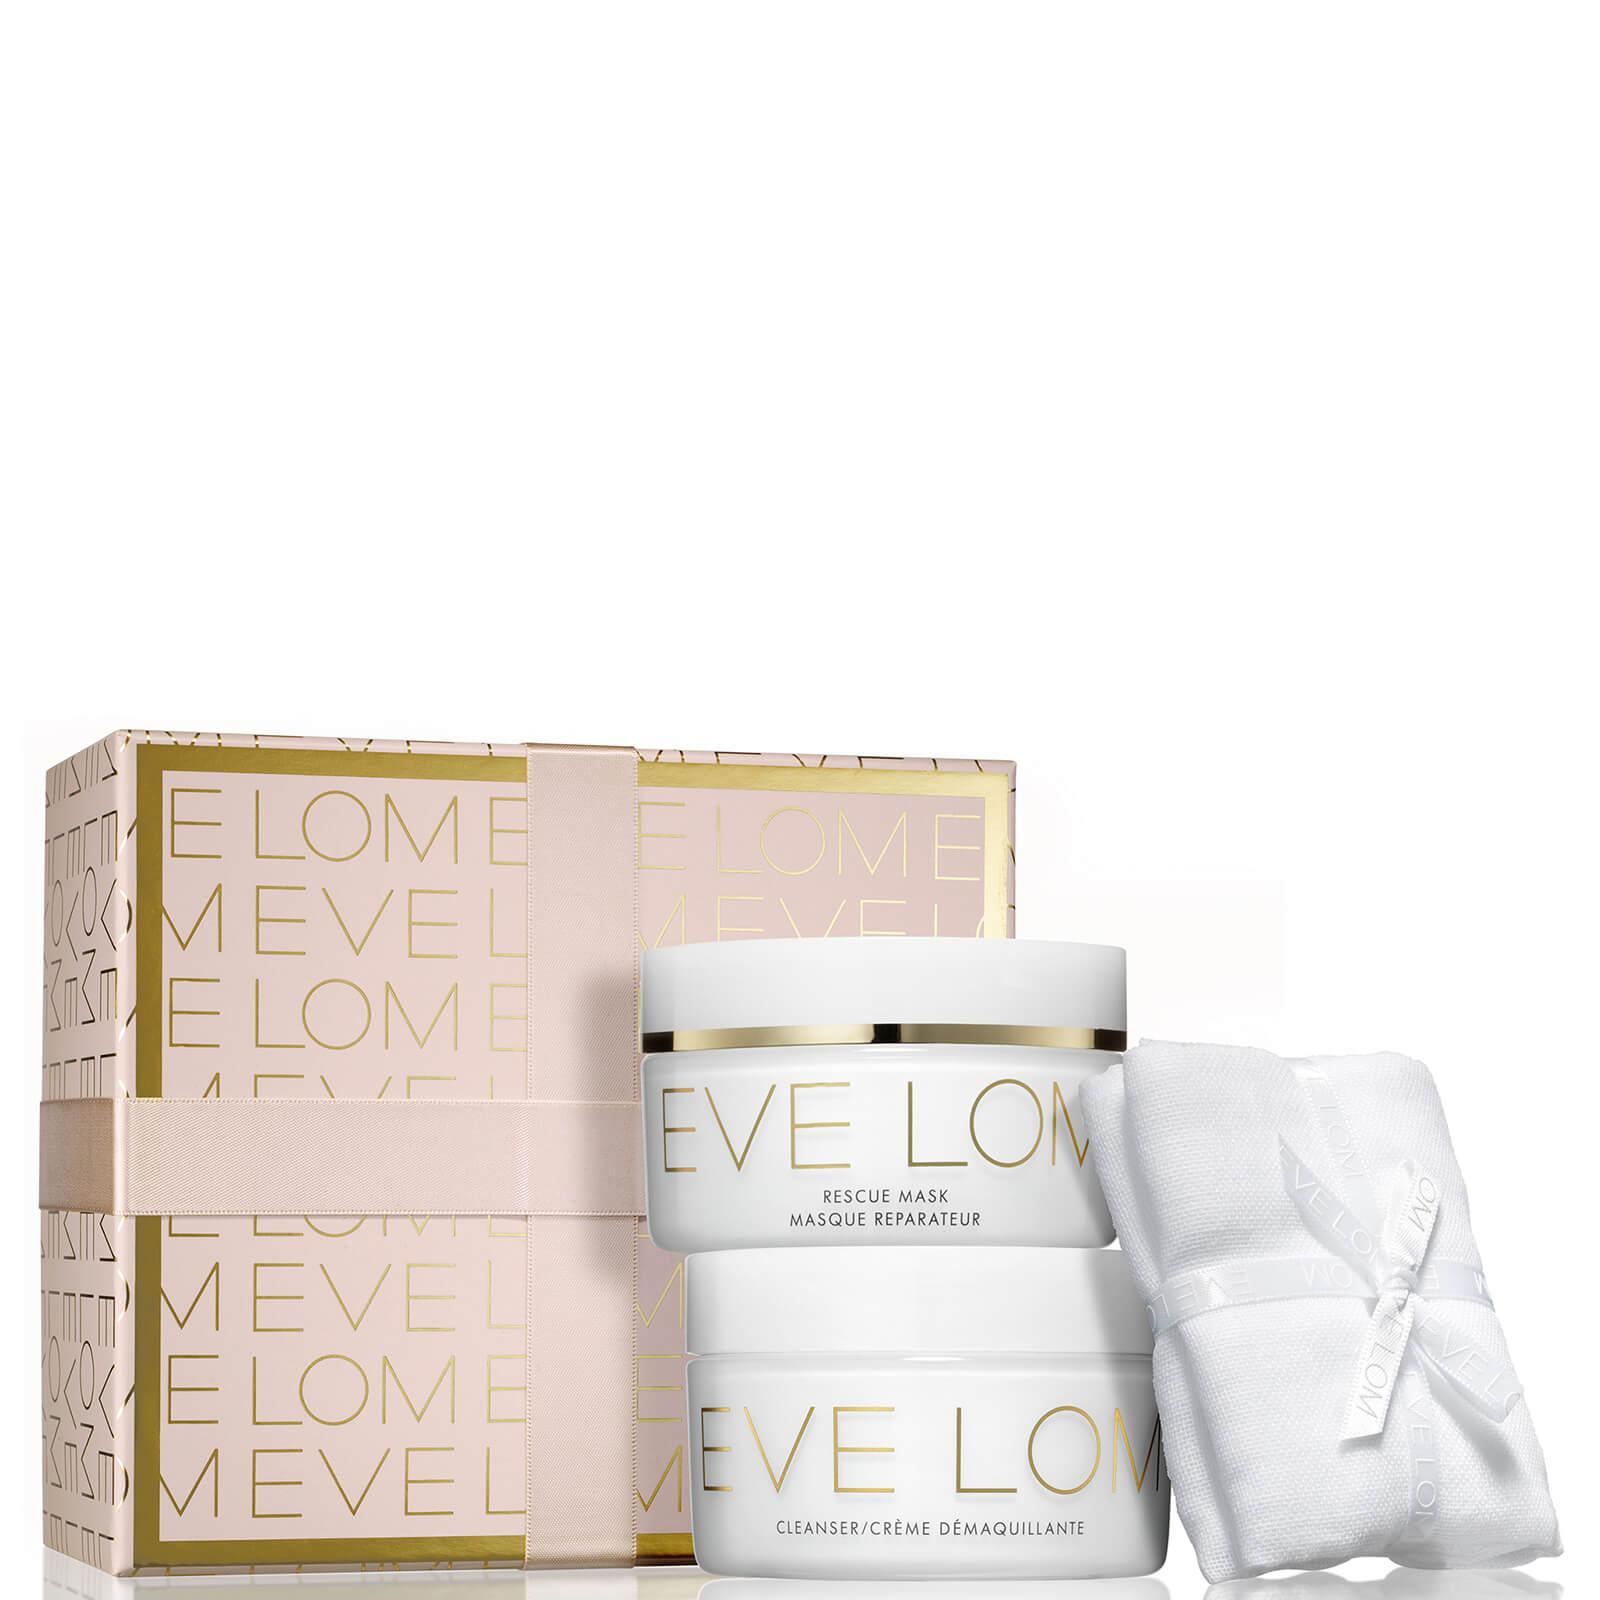 7折!EVE LOM 卸妝膏100ml+急救面膜100ml+潔面巾 圣誕套裝